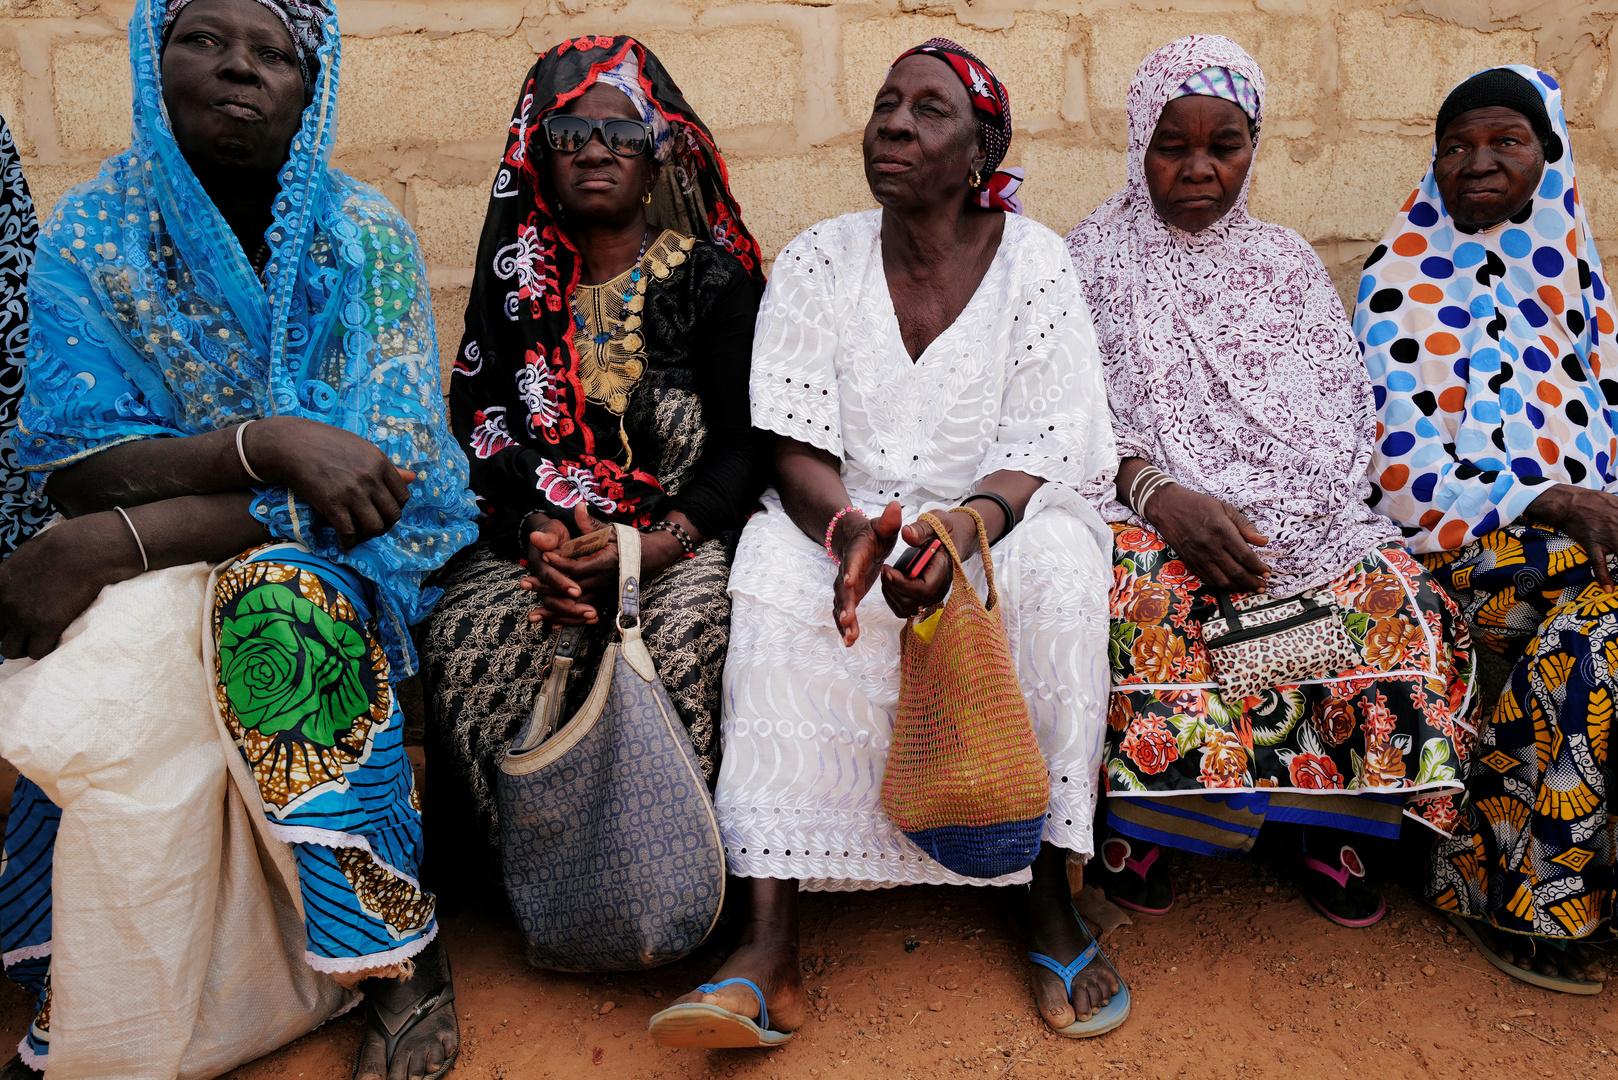 مقتل 5 أشخاص وامرأة حامل في انفجار لغم أرضي بسيارة إسعاف في بوركينا فاسو